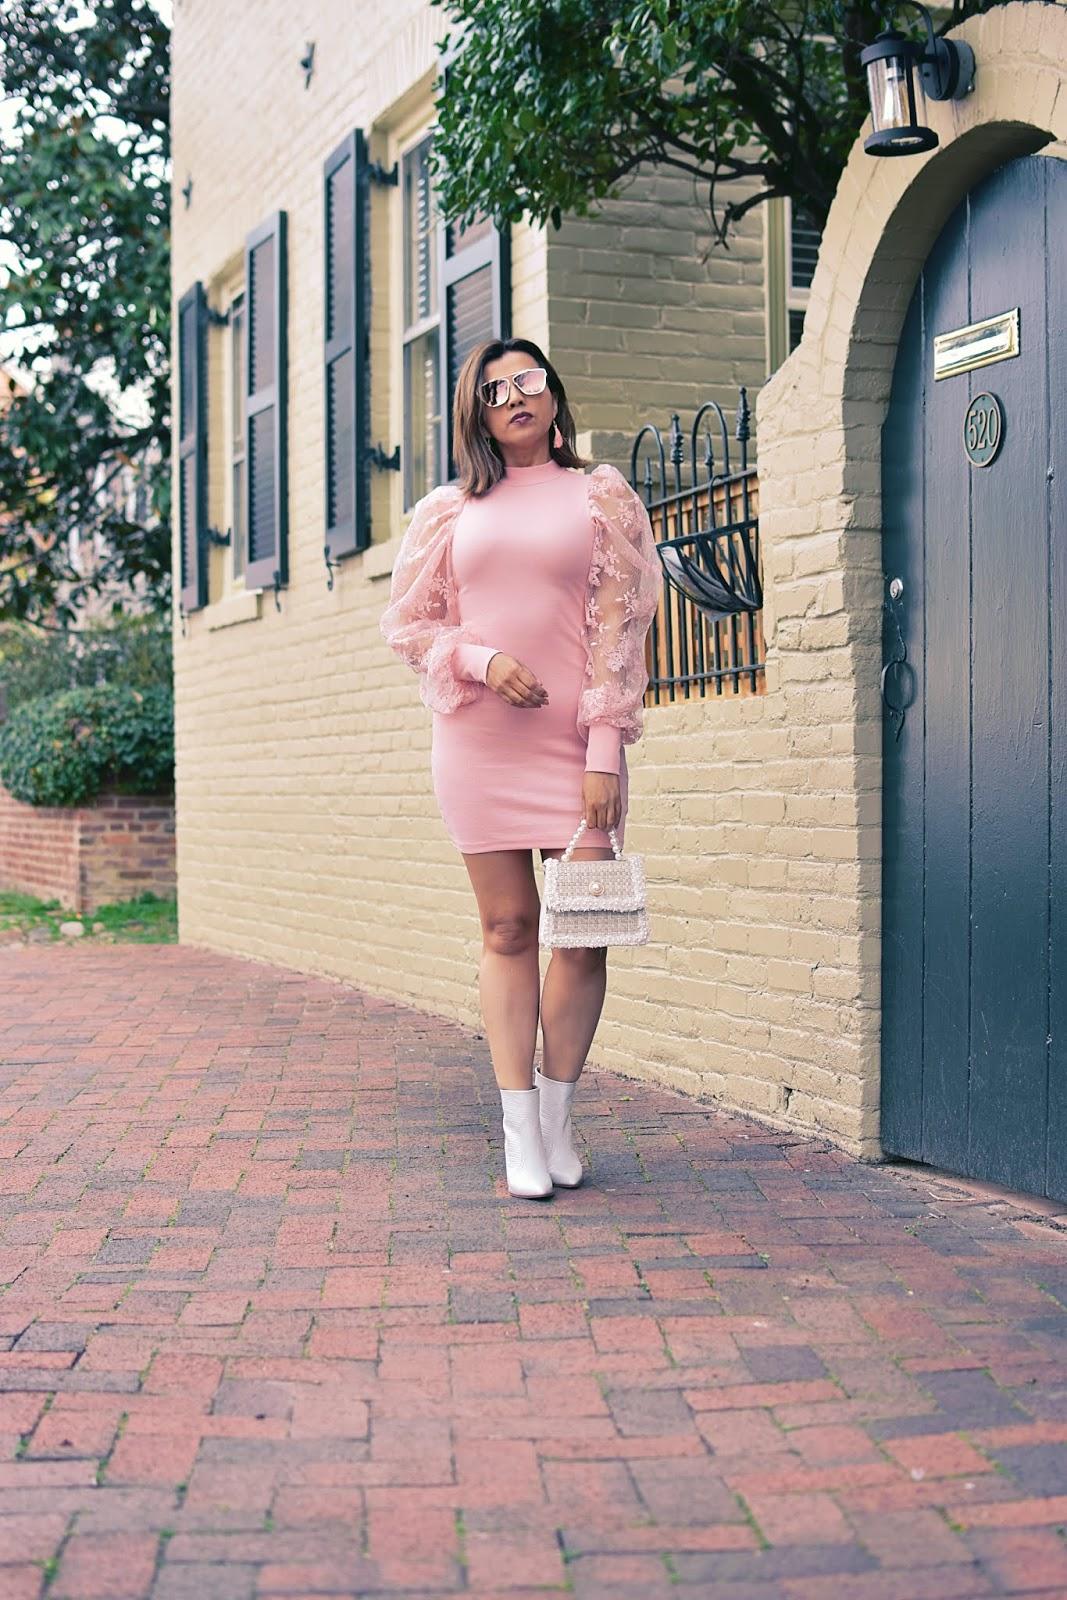 Celebrando 6 años con Mari Estilo-look of the day-streetstyle-dcblogger-fashionblogger-luxegal-marisol flamenco-armandhugon-franco sarto-vestidos de moda-